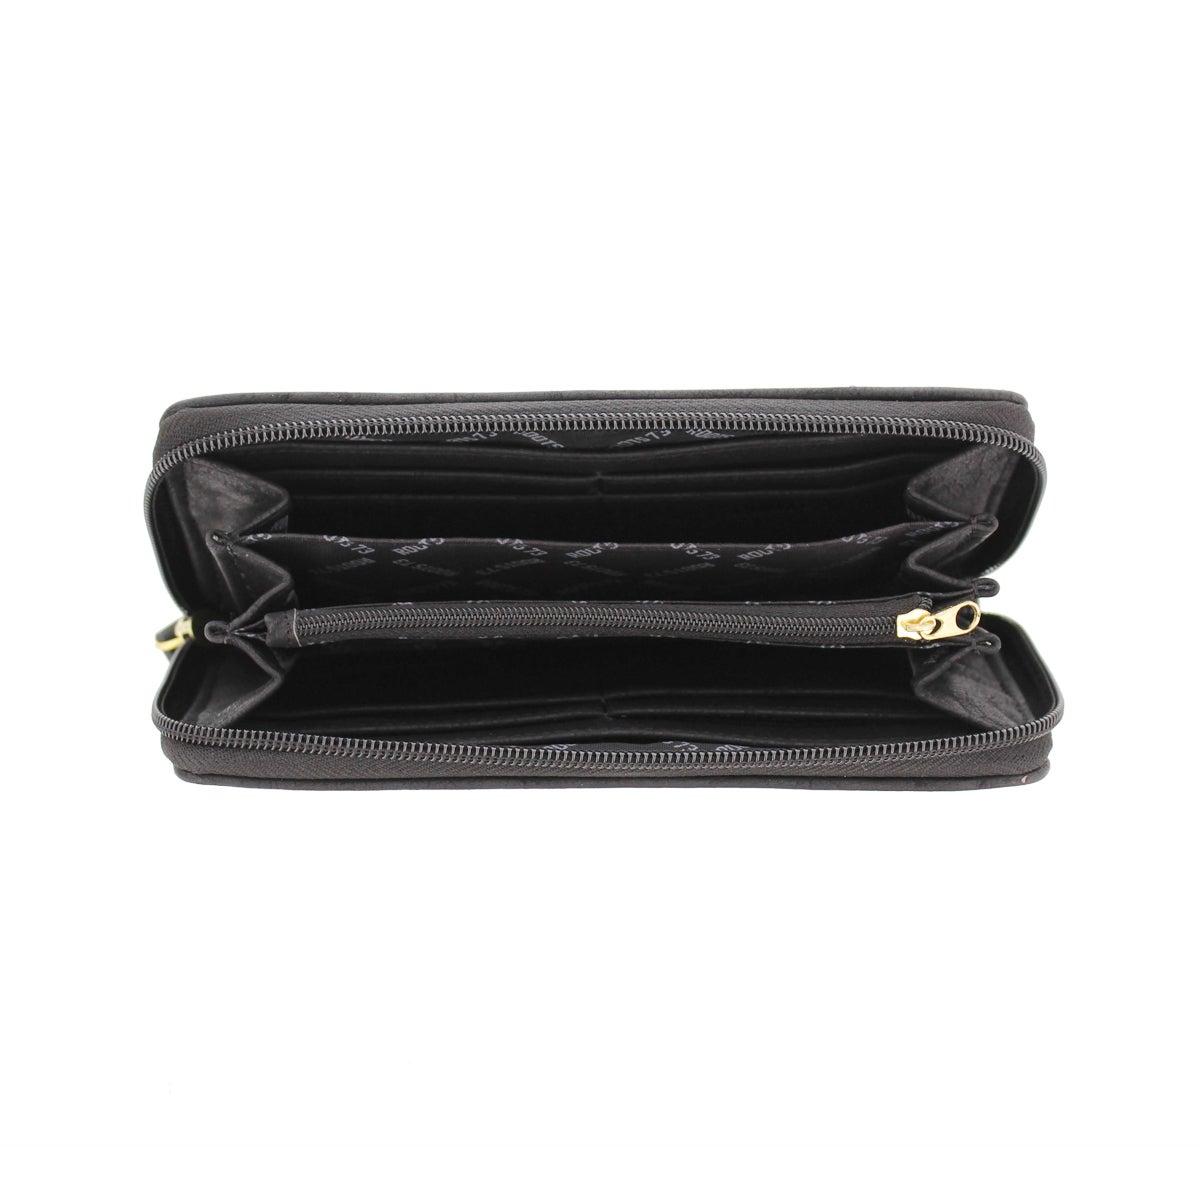 Lds Roots73 Lexi 719 black wallet